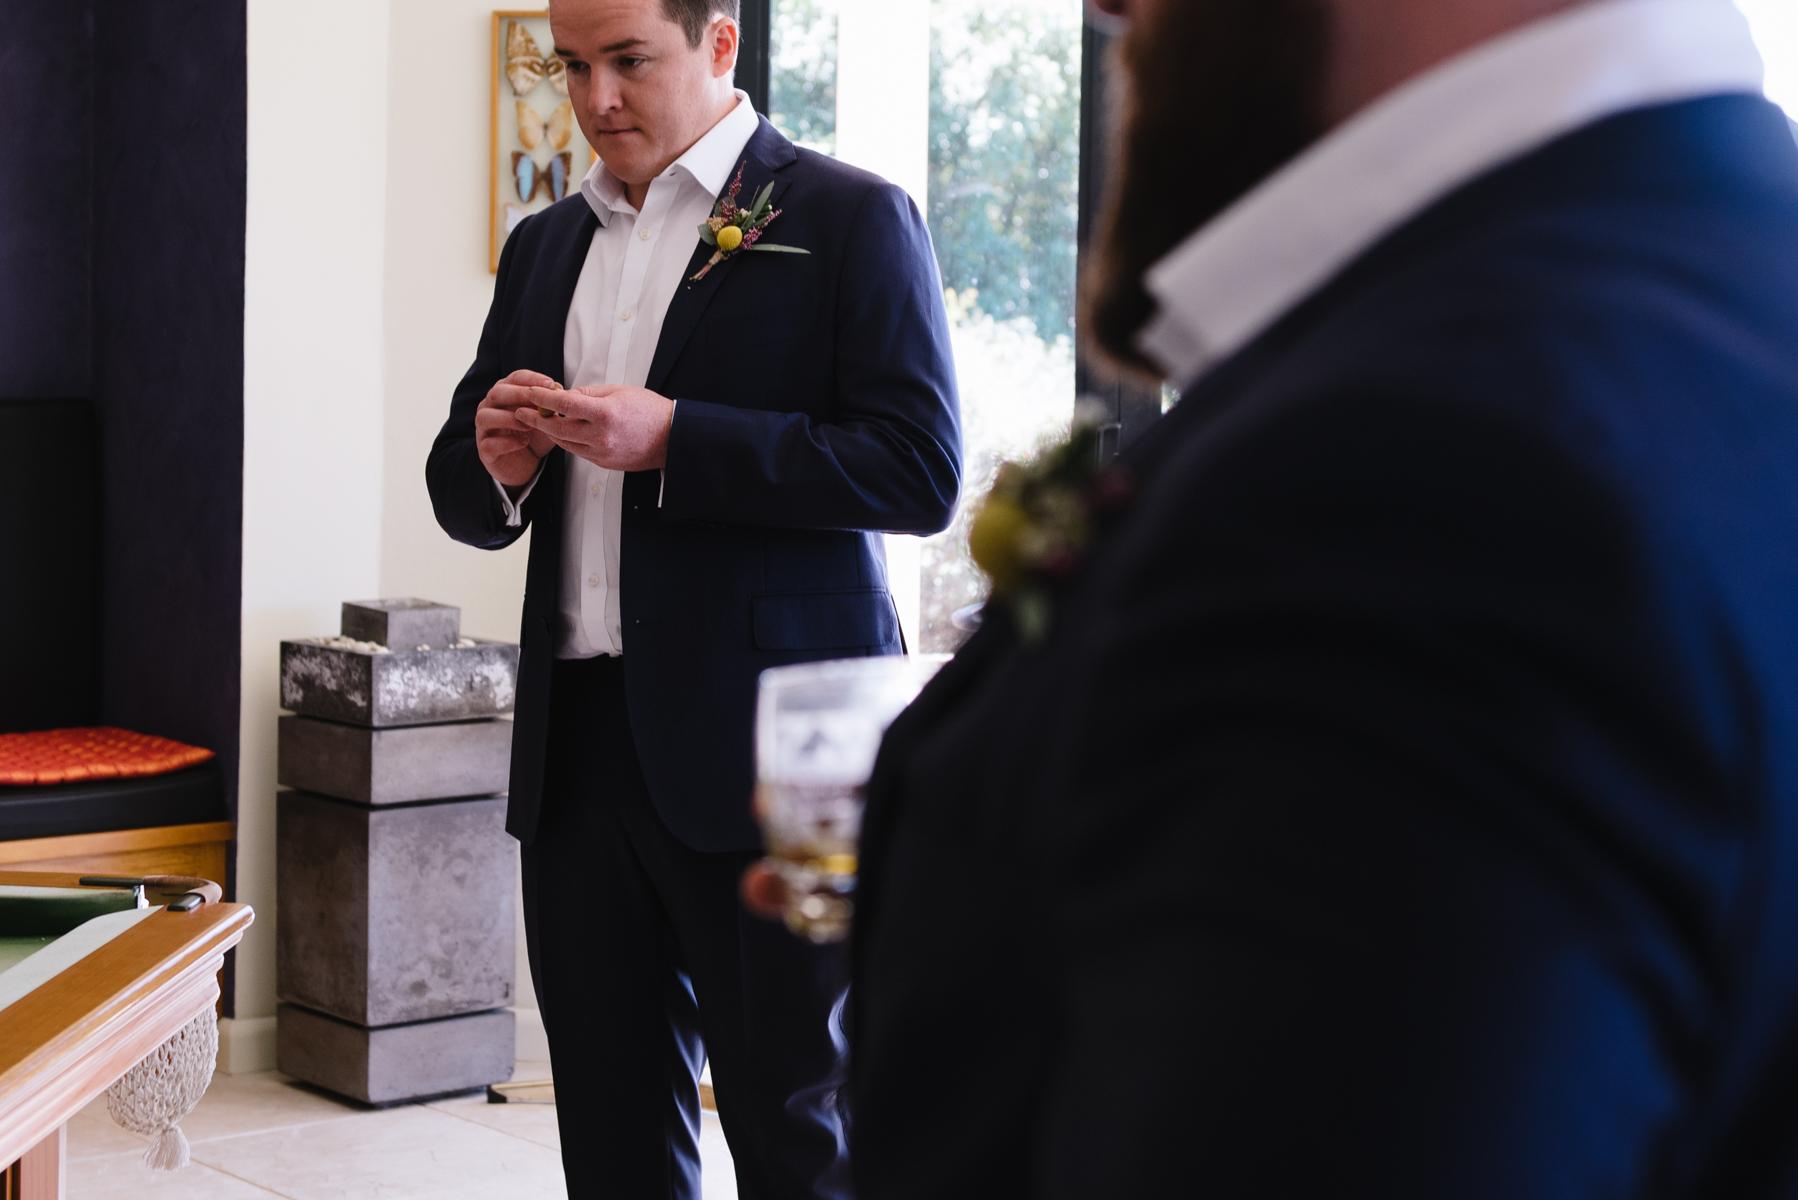 sarahandBenwedding- skyla sage photography weddings, families, byron bay,tweed coast,kingscliff,cabarita,gold coast-78.jpg